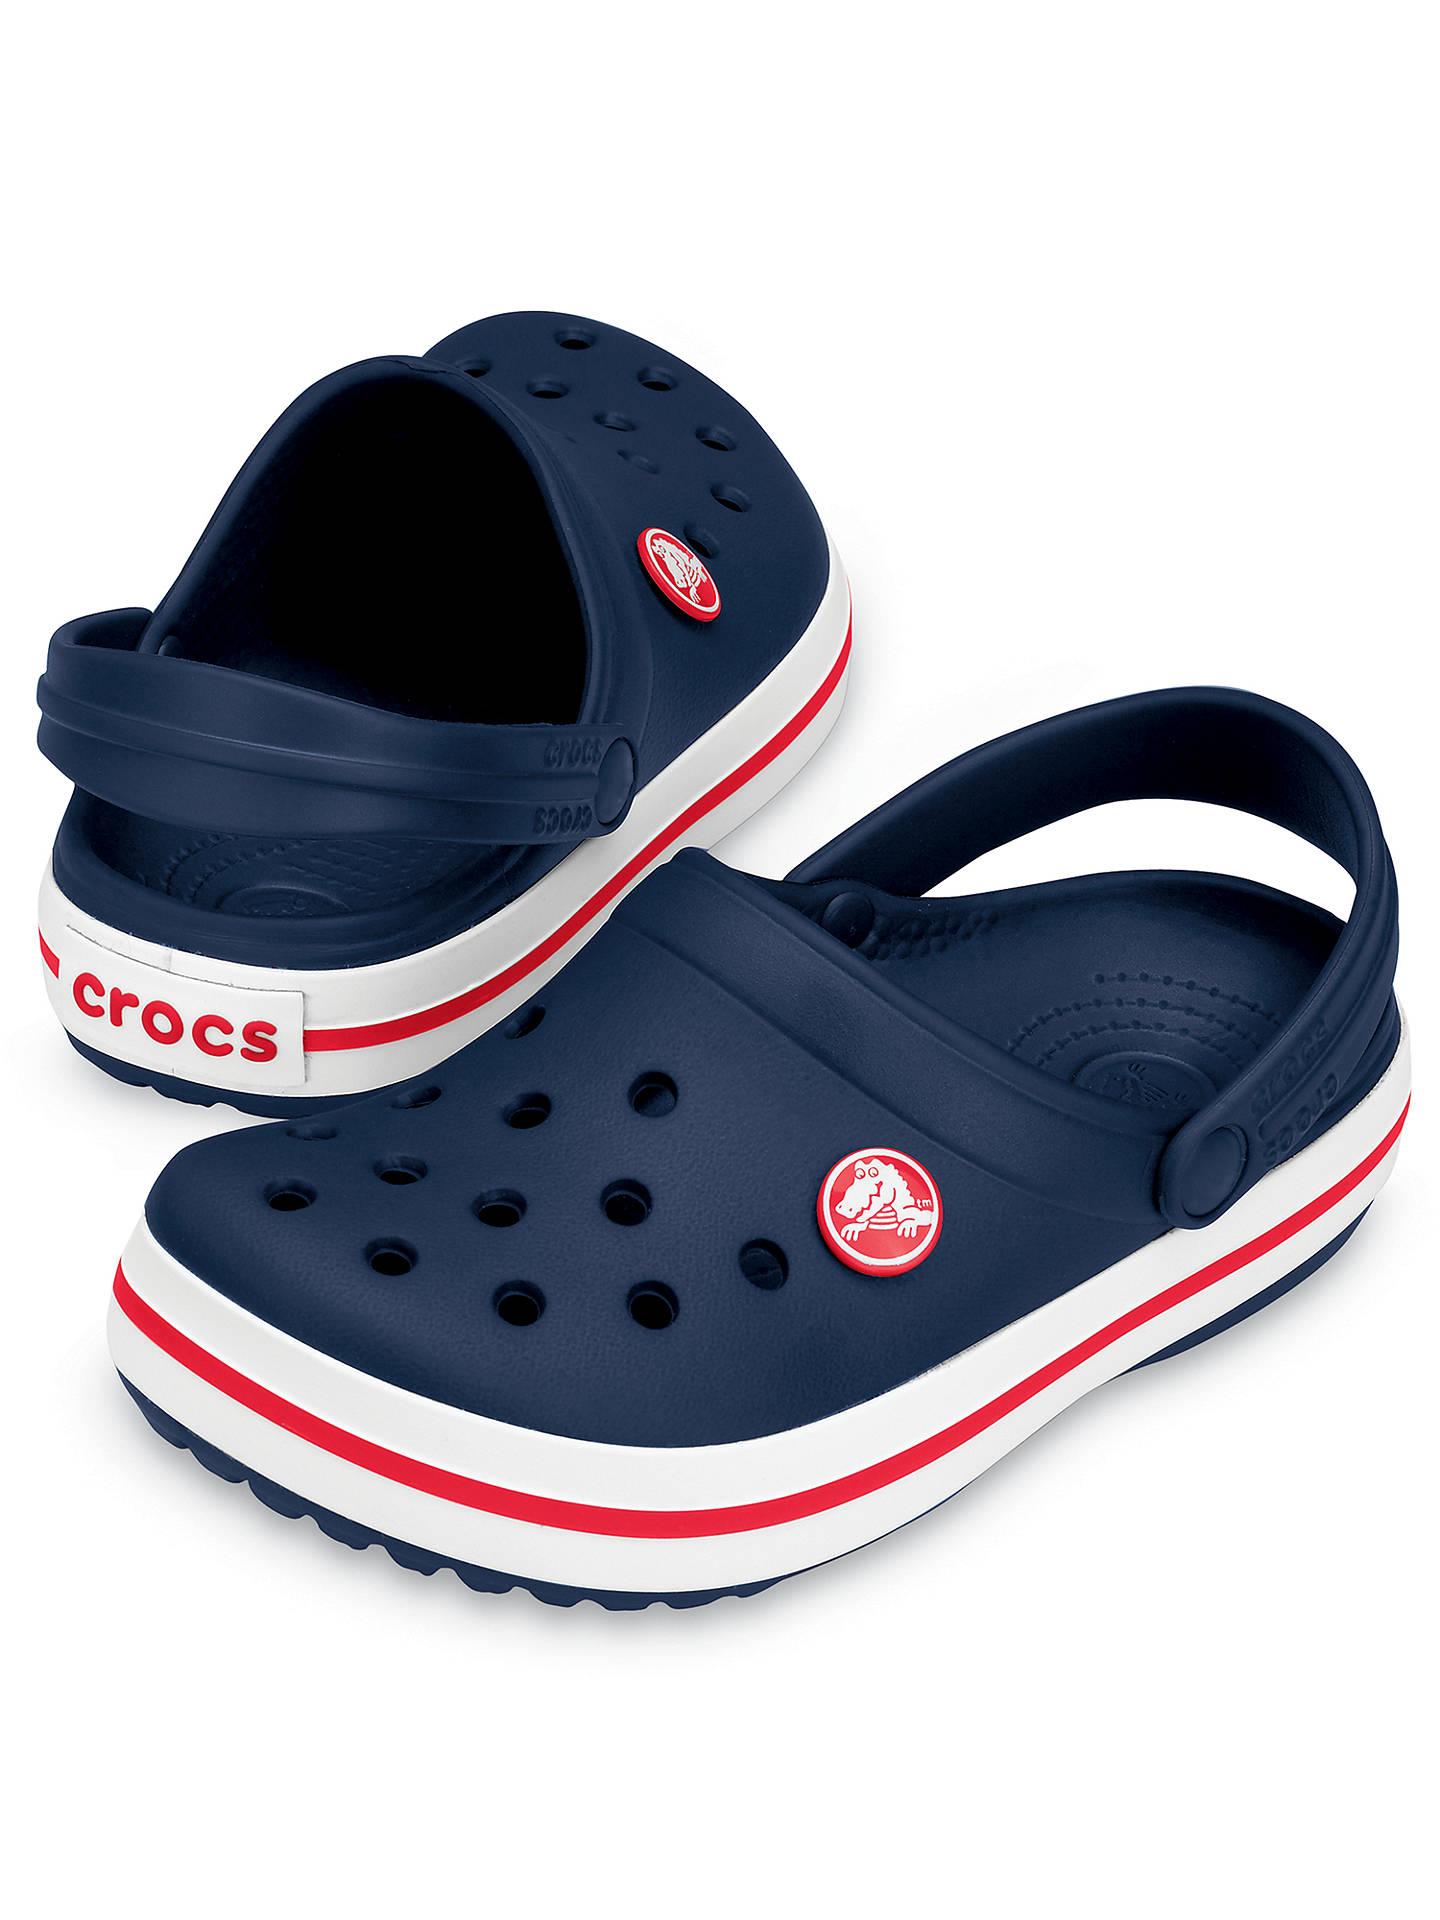 44d183325 Crocs Children s Crocband Clogs at John Lewis   Partners